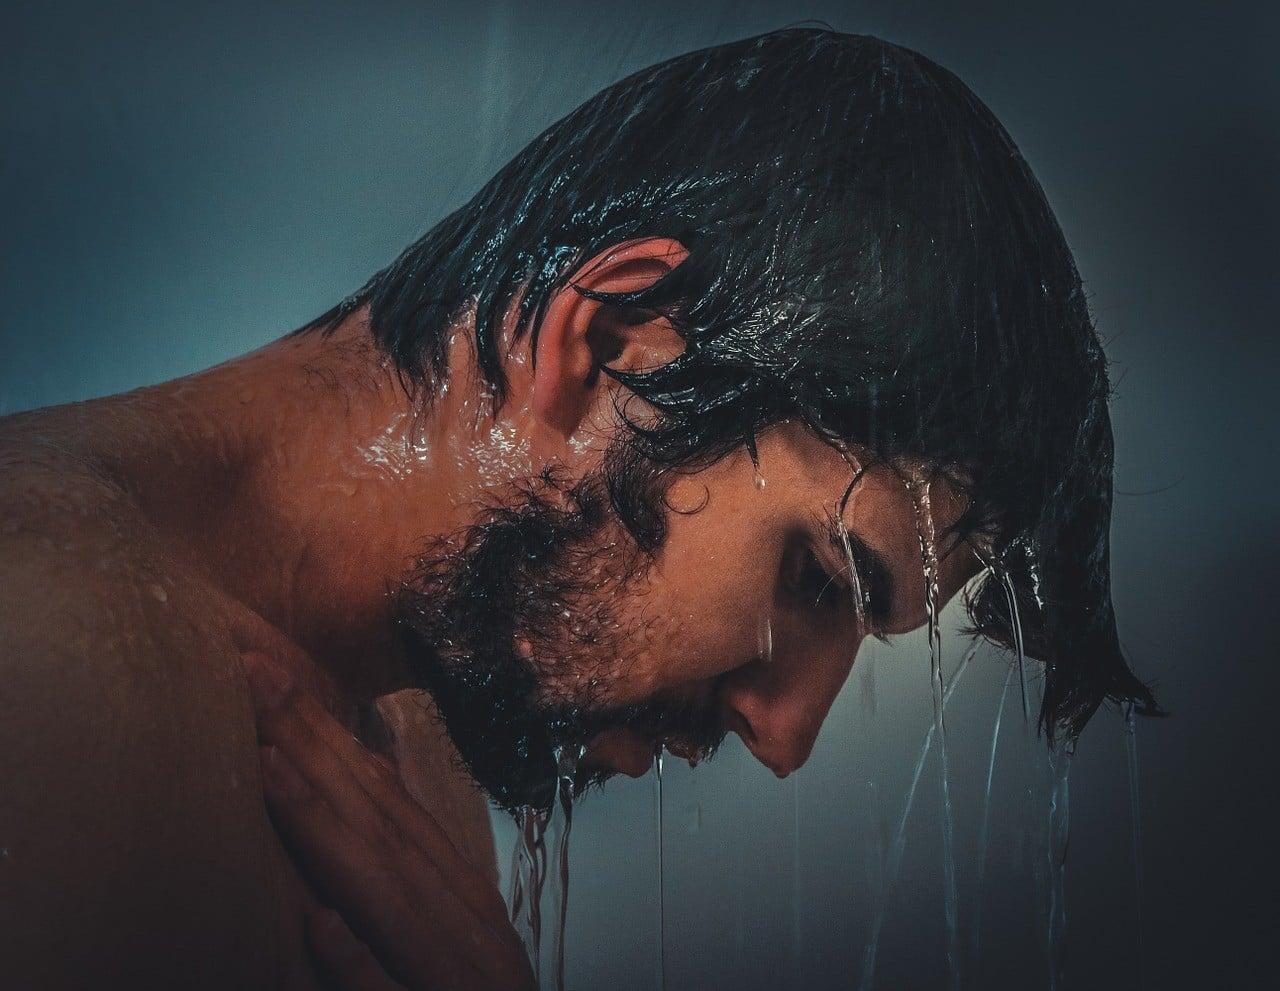 Una corretta igiene intima per combattere la f imosi.